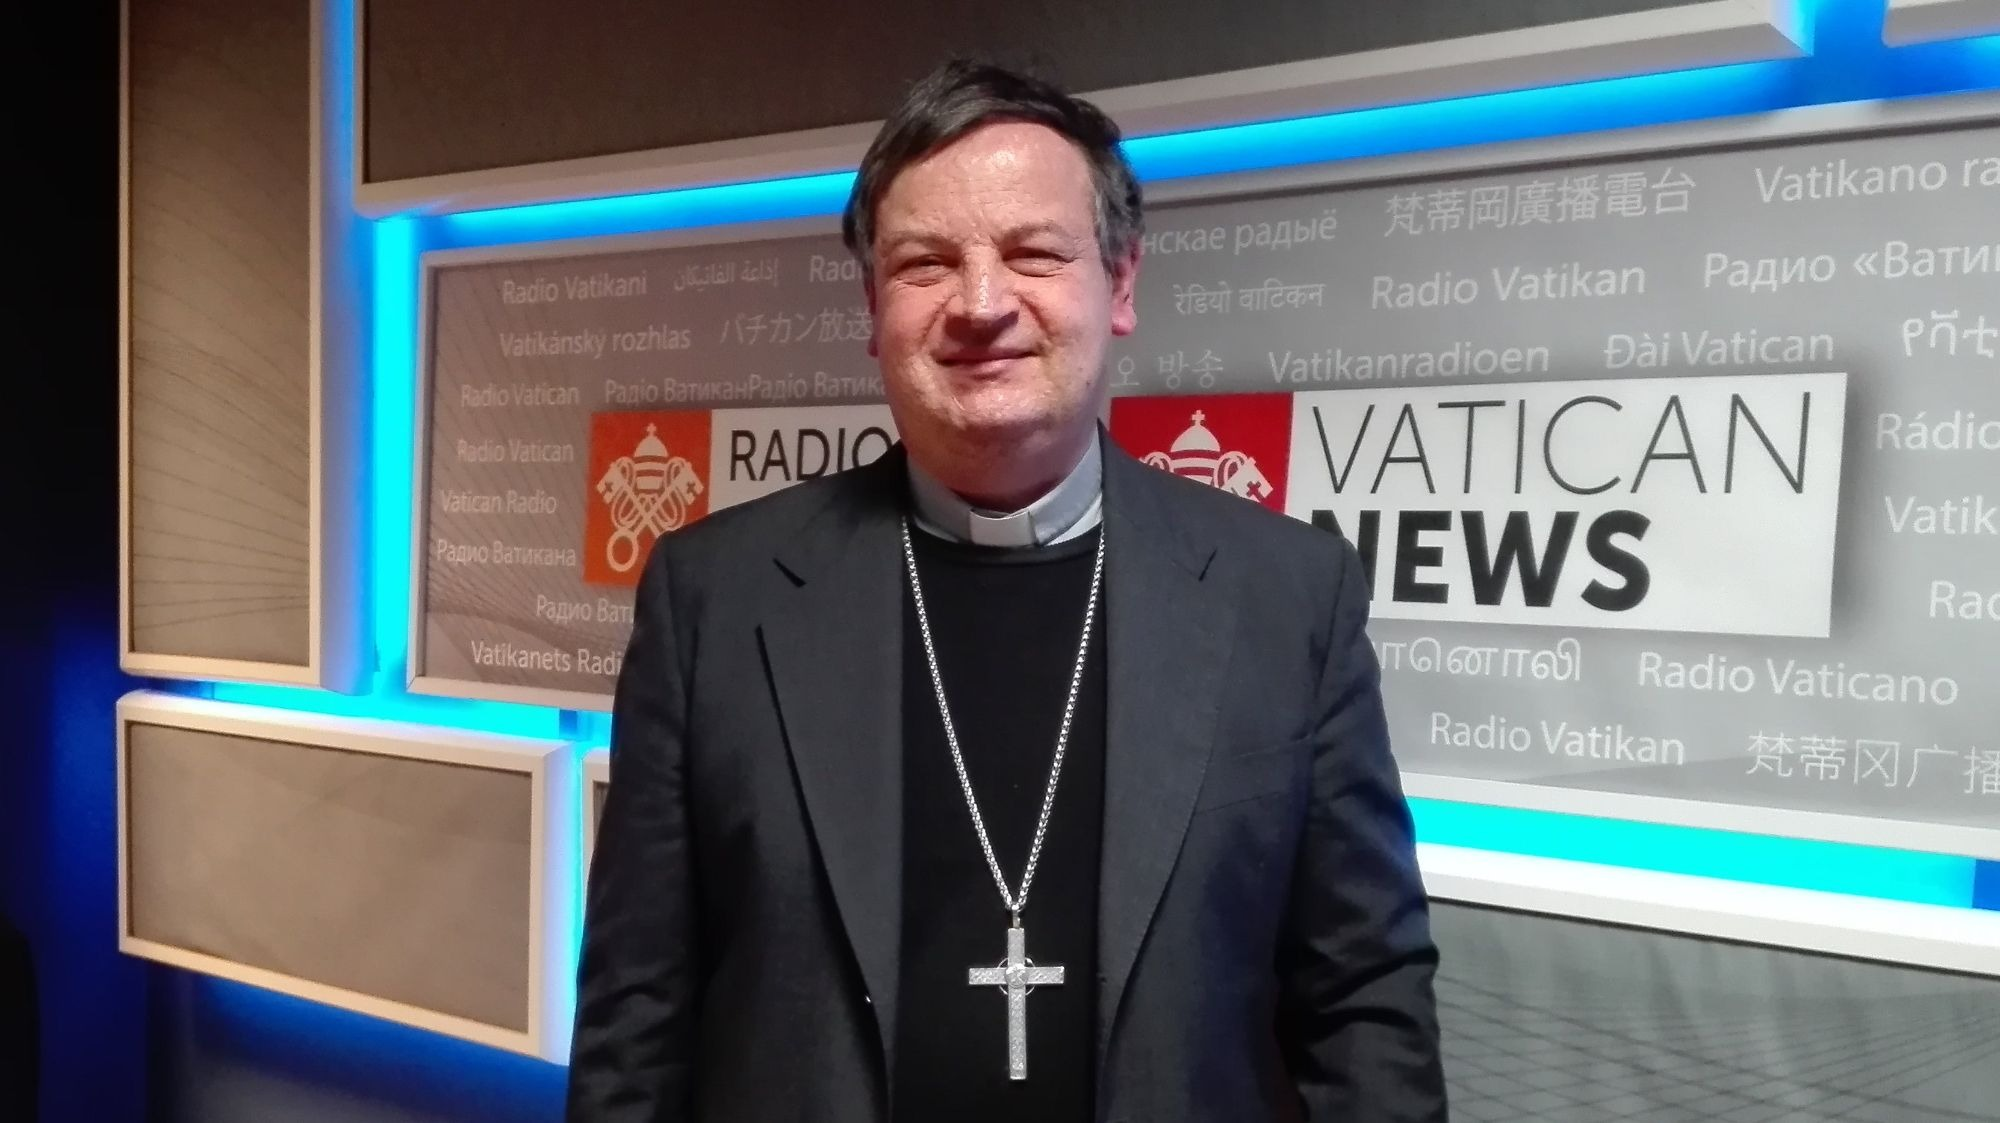 PER GESÙ TUTTO È POCO - Sua Eccellenza Mons. Paolo Ricciardi